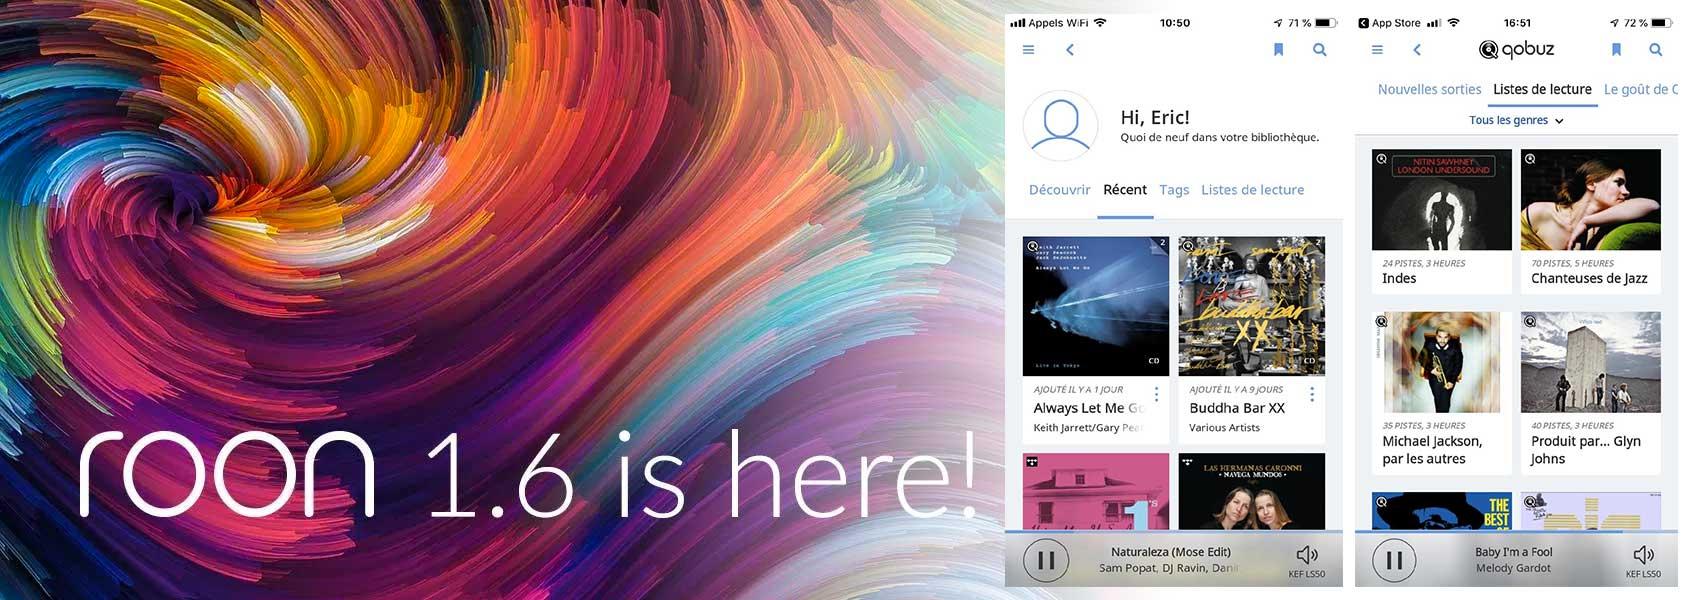 Qobuz disponible sur Roon avec la mise à jour de l'application serveur et télécomamnde. Streaming en qualité HD et navigation musicale intuitive